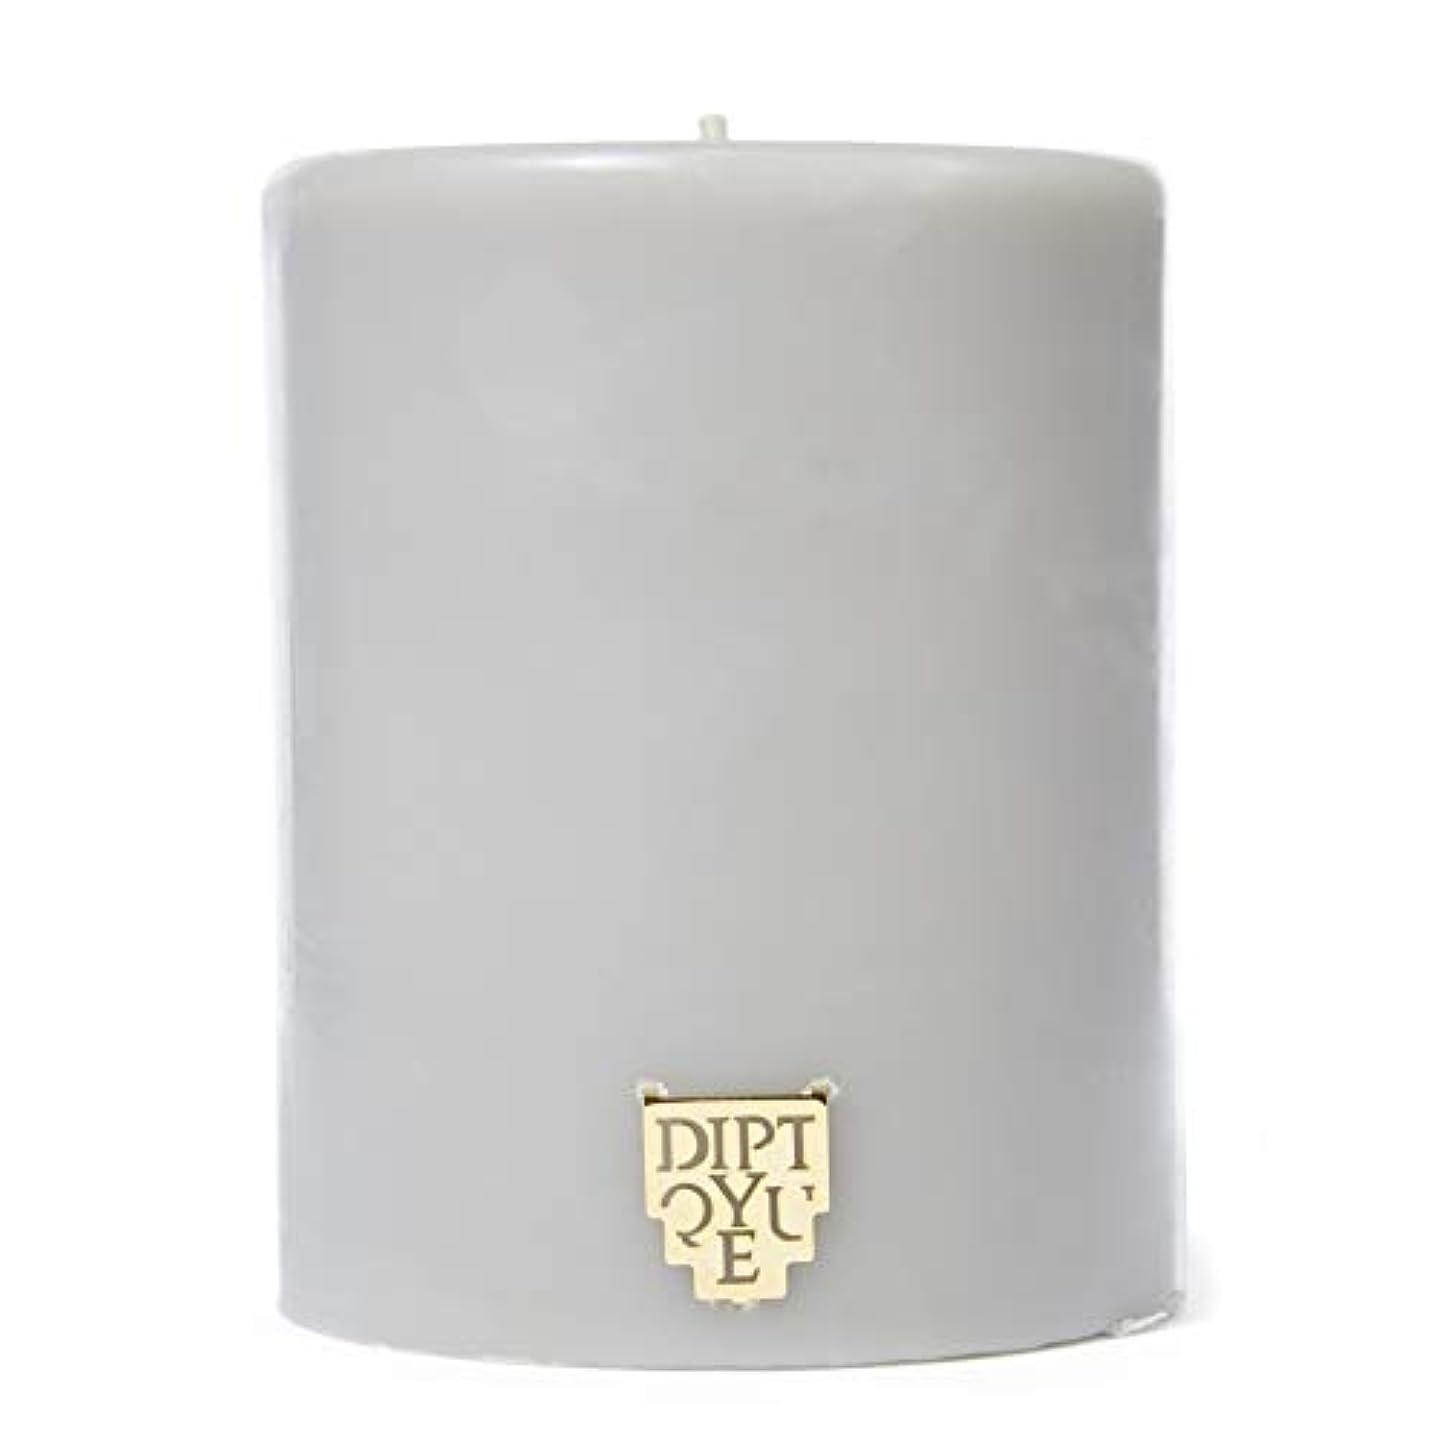 悔い改める否認する利得[Diptyque] DiptyqueのFeuデボワピラーキャンドル450グラム - Diptyque Feu De Bois Pillar Candle 450g [並行輸入品]